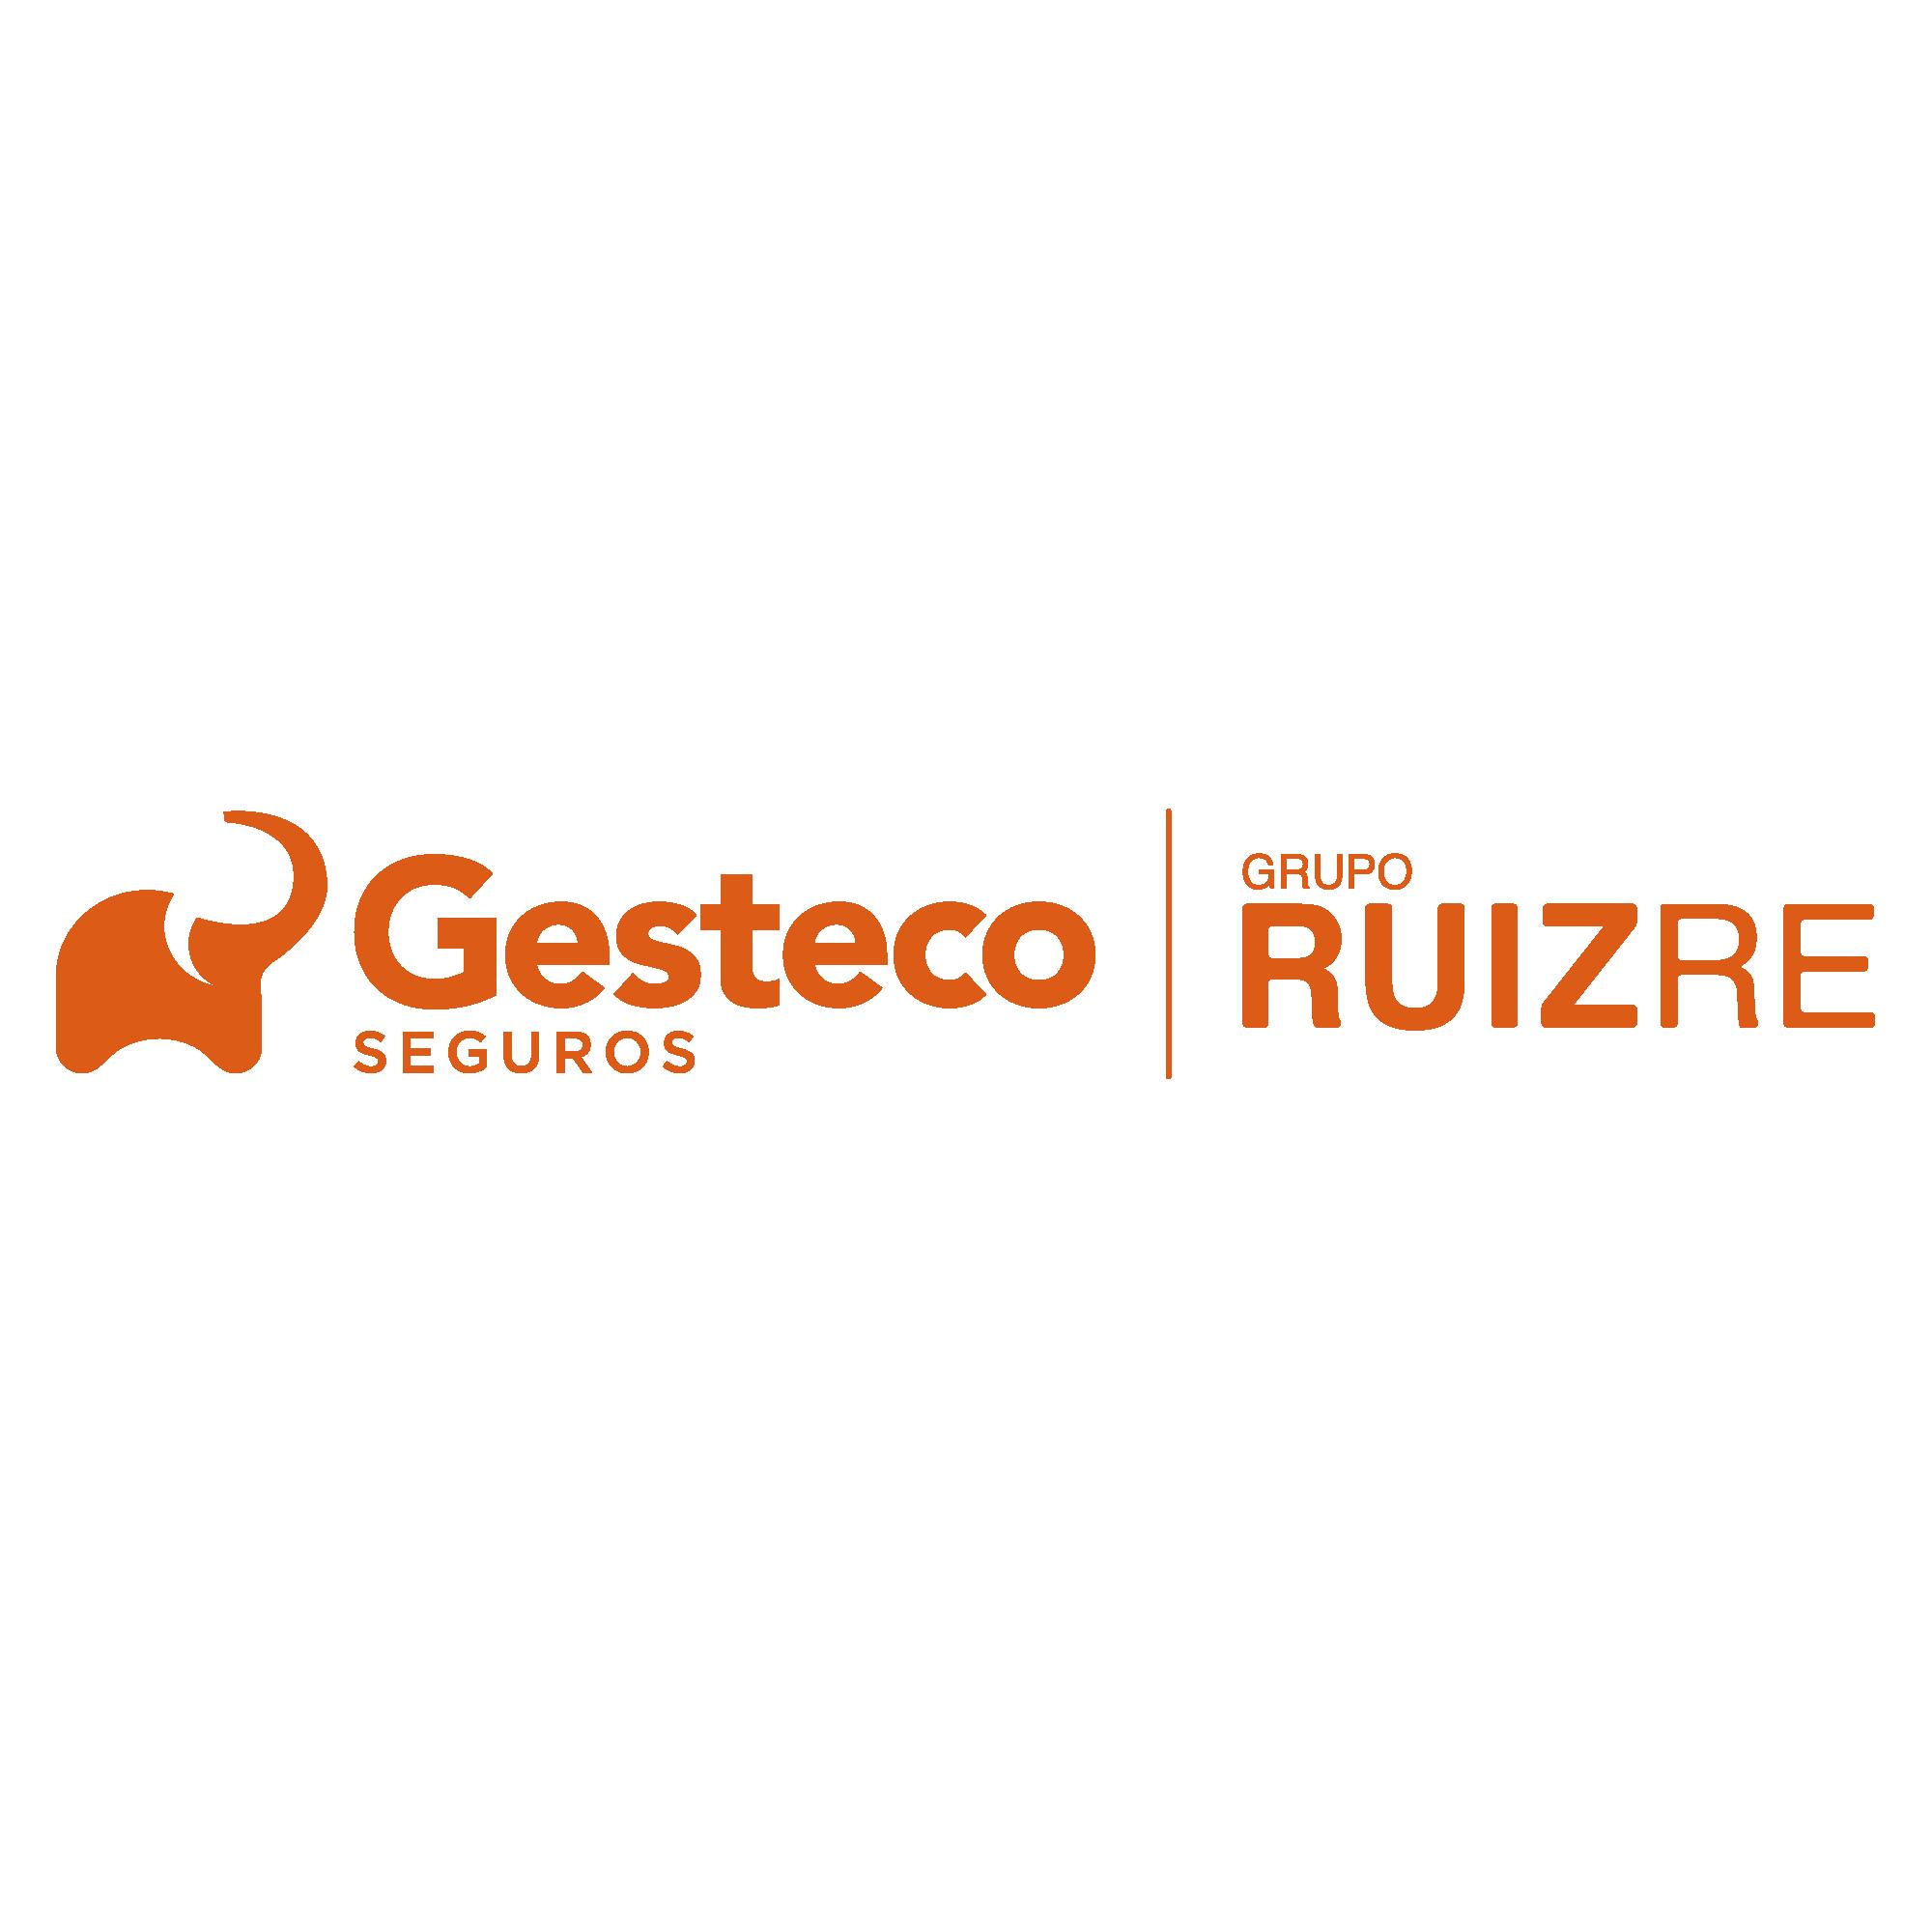 www.gestecoseguros.com